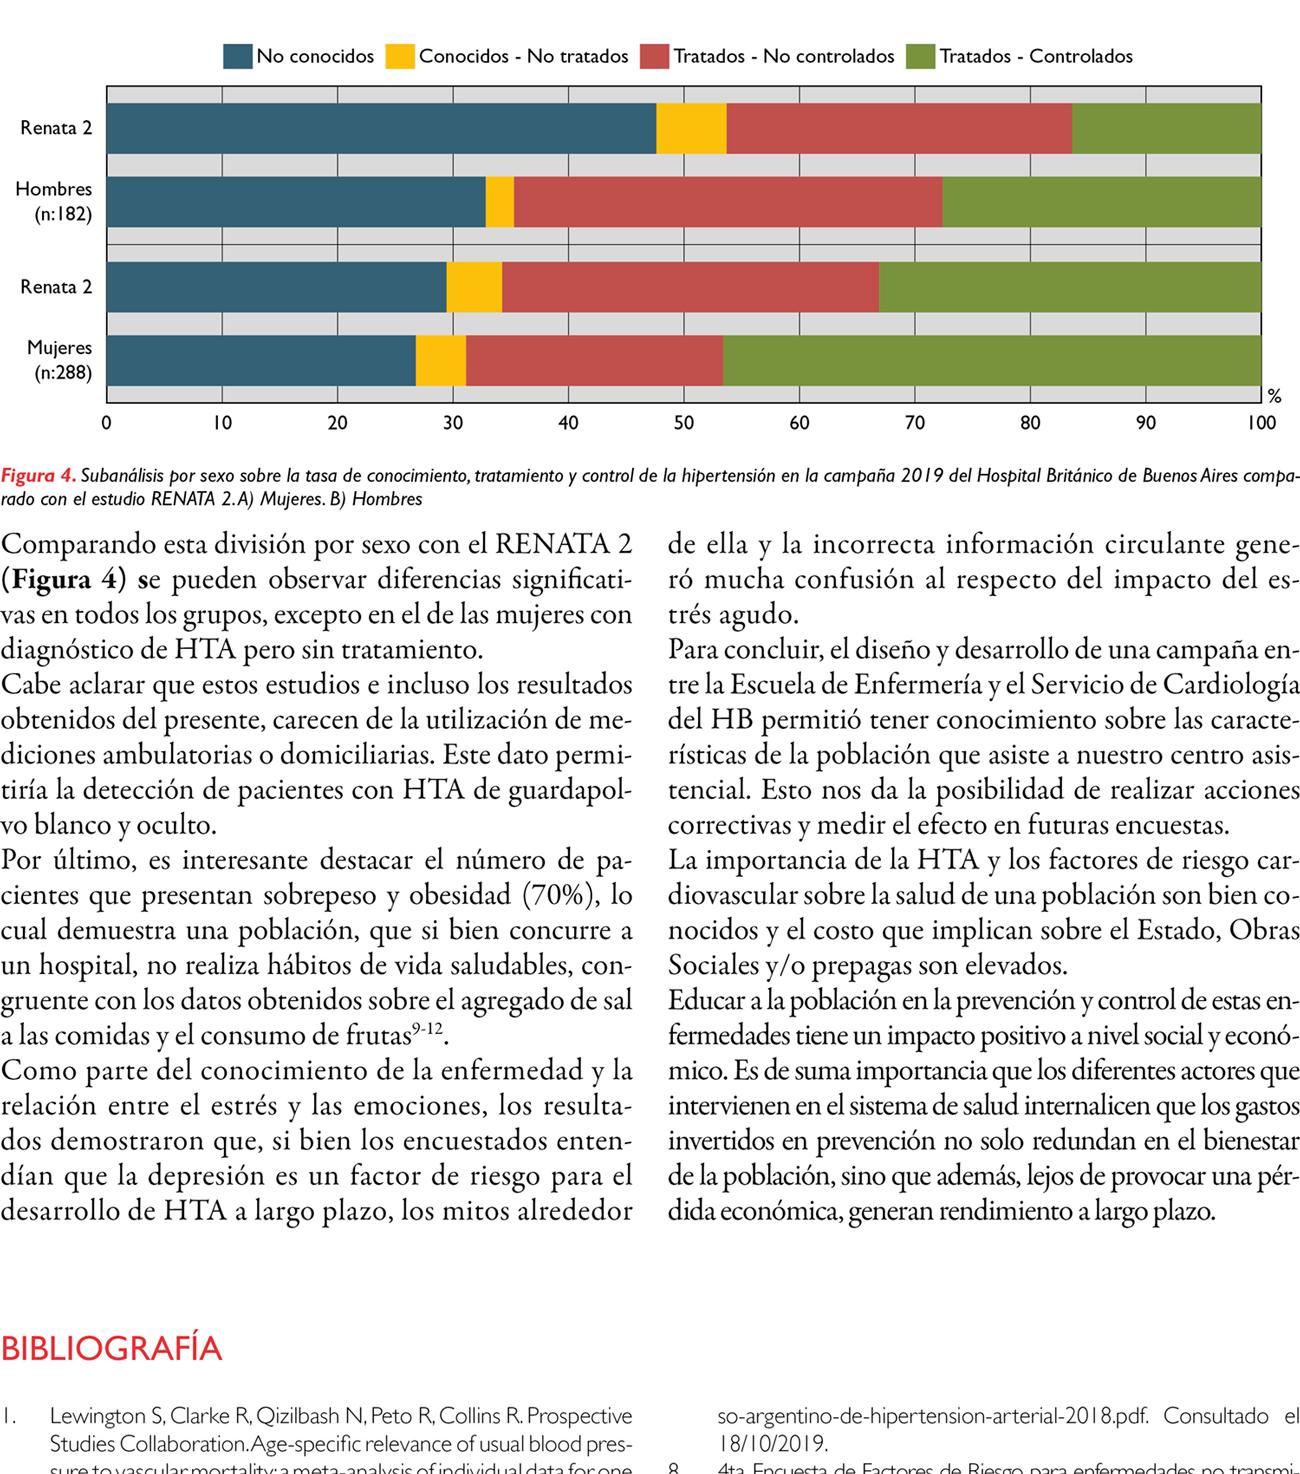 Características epidemiológicas de la hipertensión arterial en pacientes que concurren al Hospital Británico de Buenos Aires. Campaña 2019 de Hipertensión Arterial